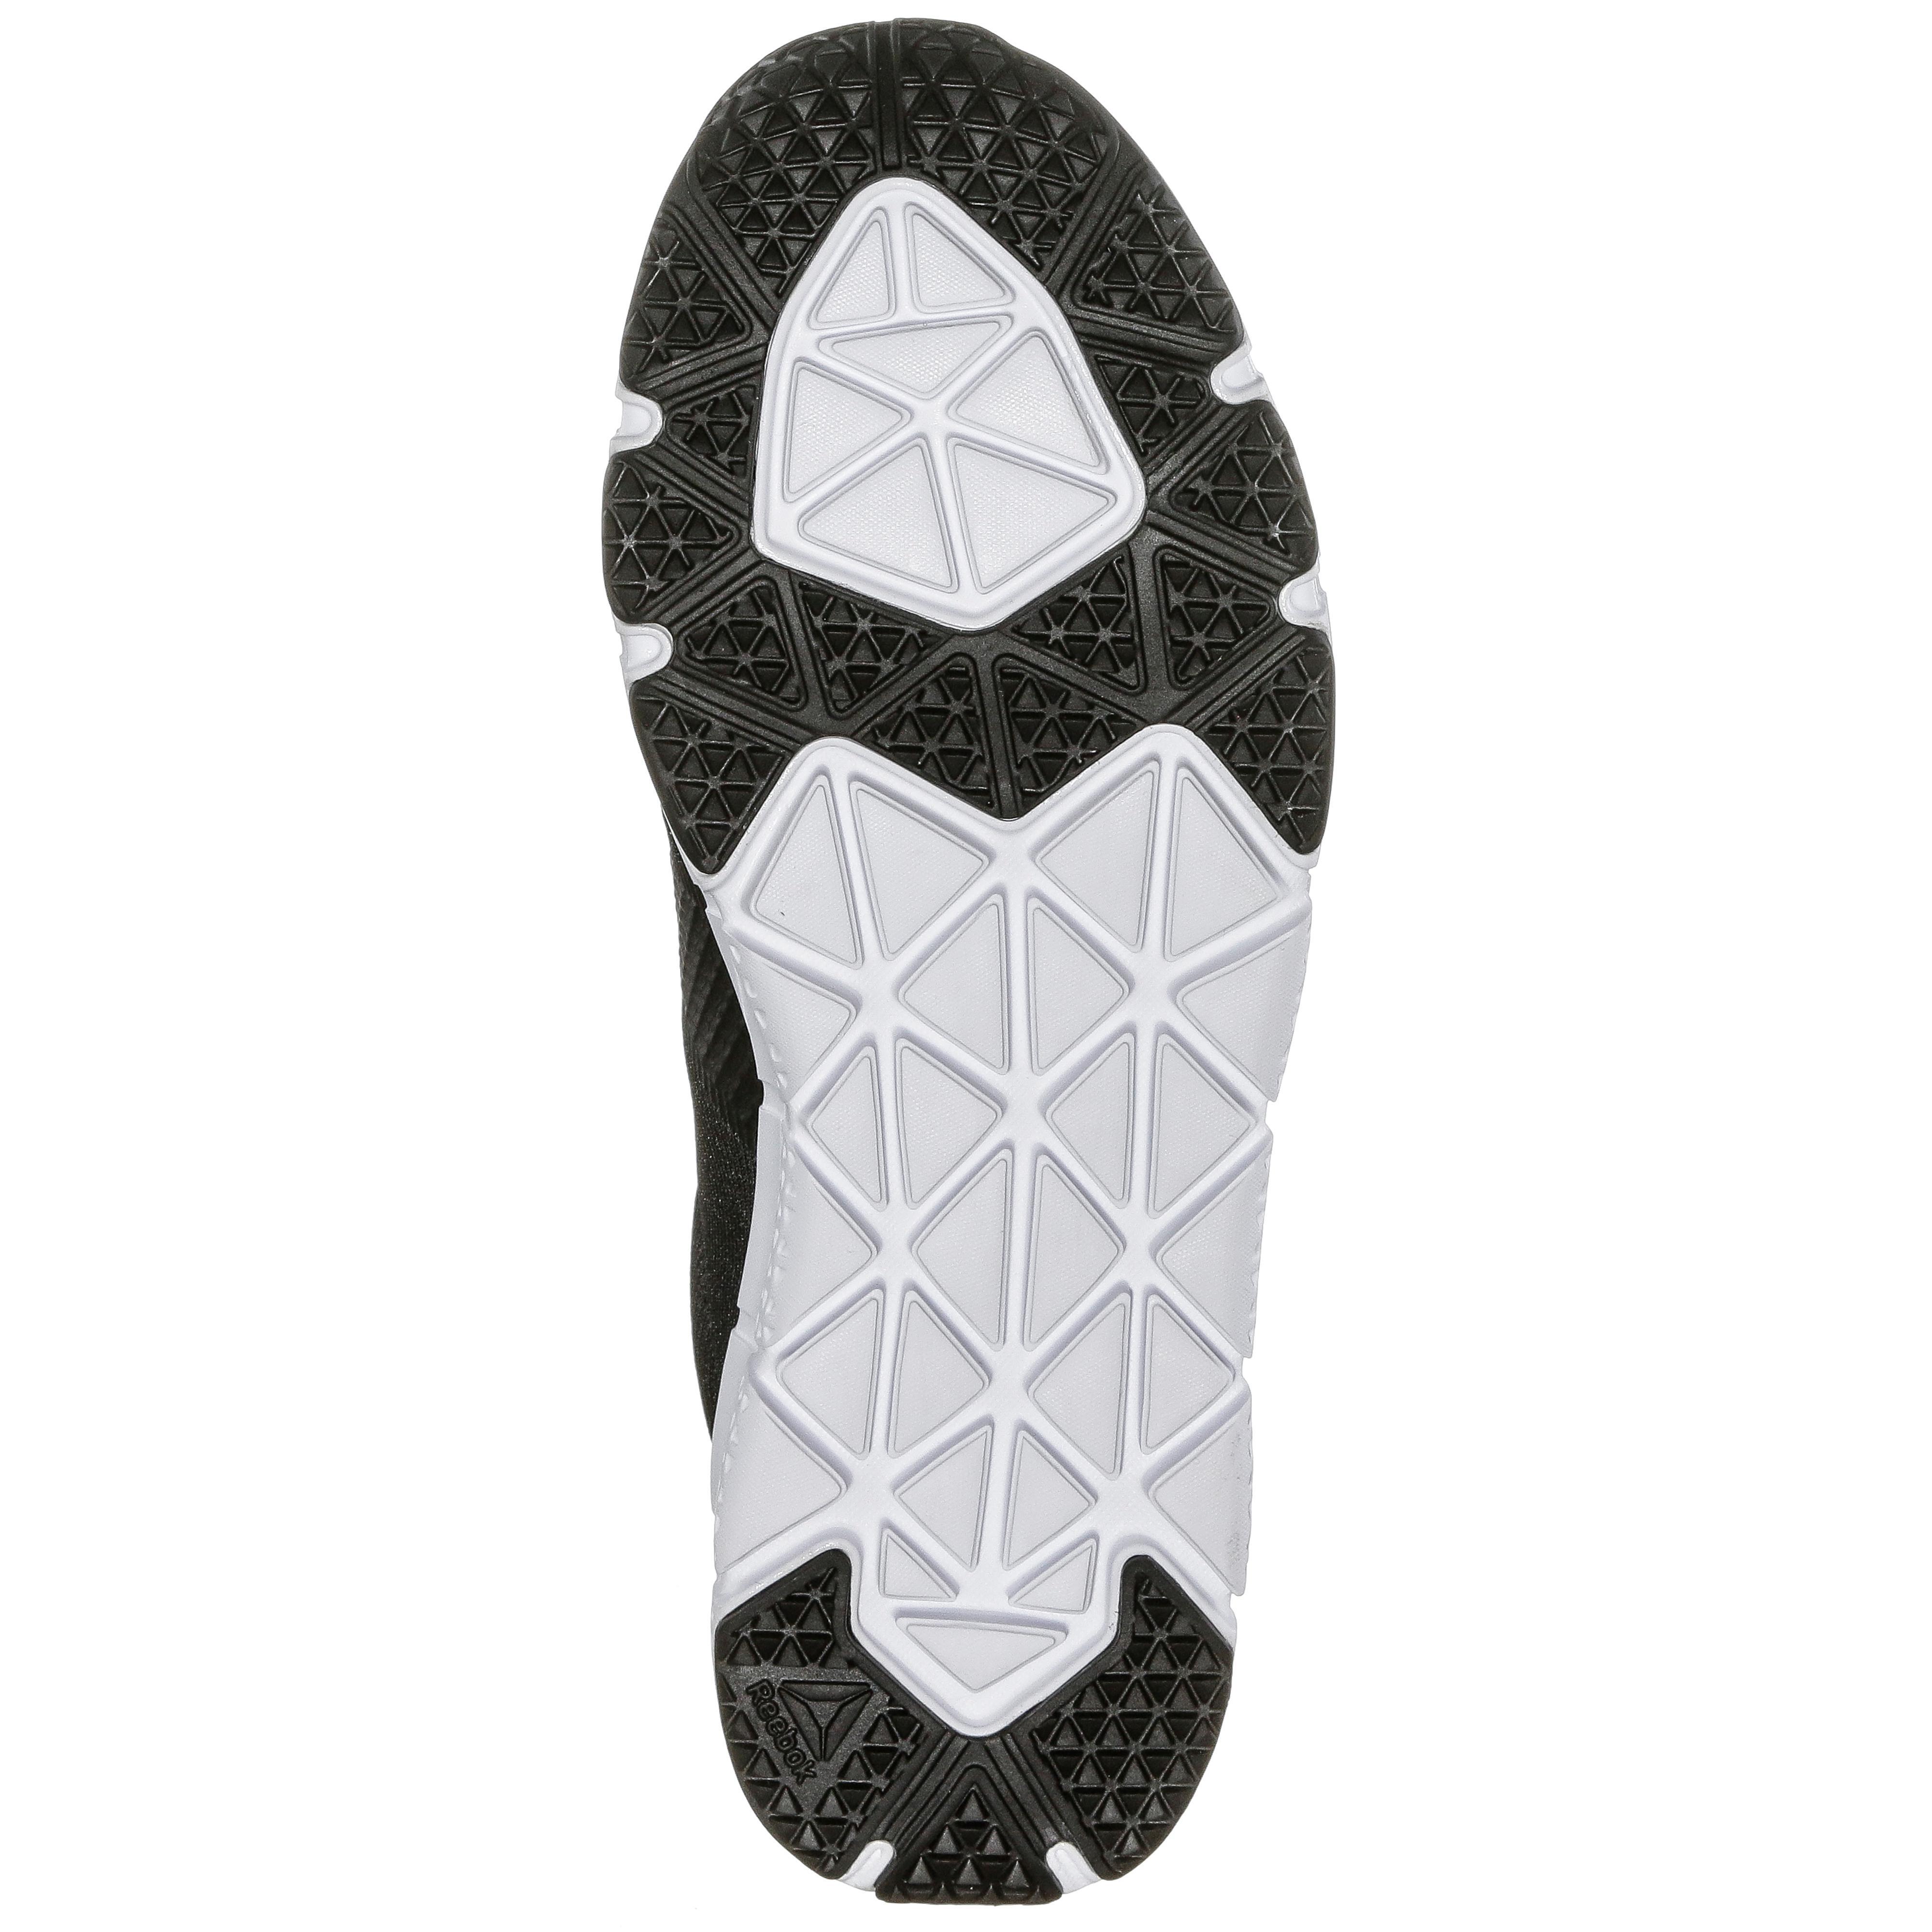 Reebok Trainflex 2.0 Fitnessschuhe Damen schwarz-Weiß im Online Shop Shop Shop von SportScheck kaufen Gute Qualität beliebte Schuhe cd50c2